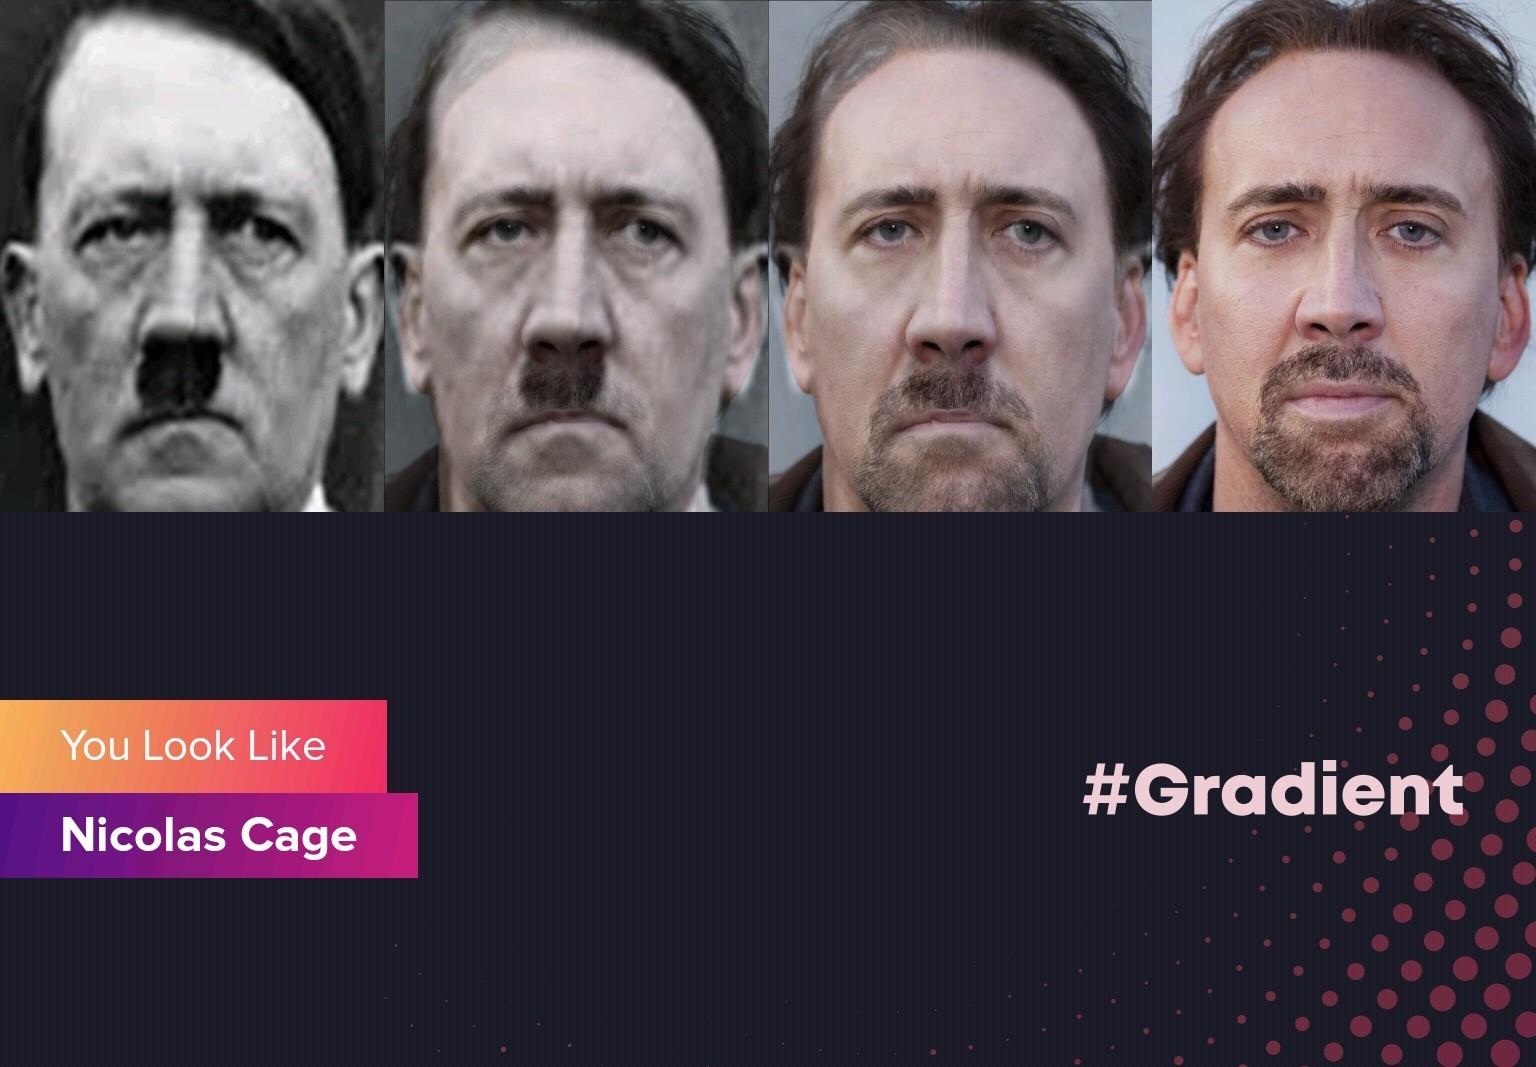 Watefak hitler es nicolas cage impresionante - meme